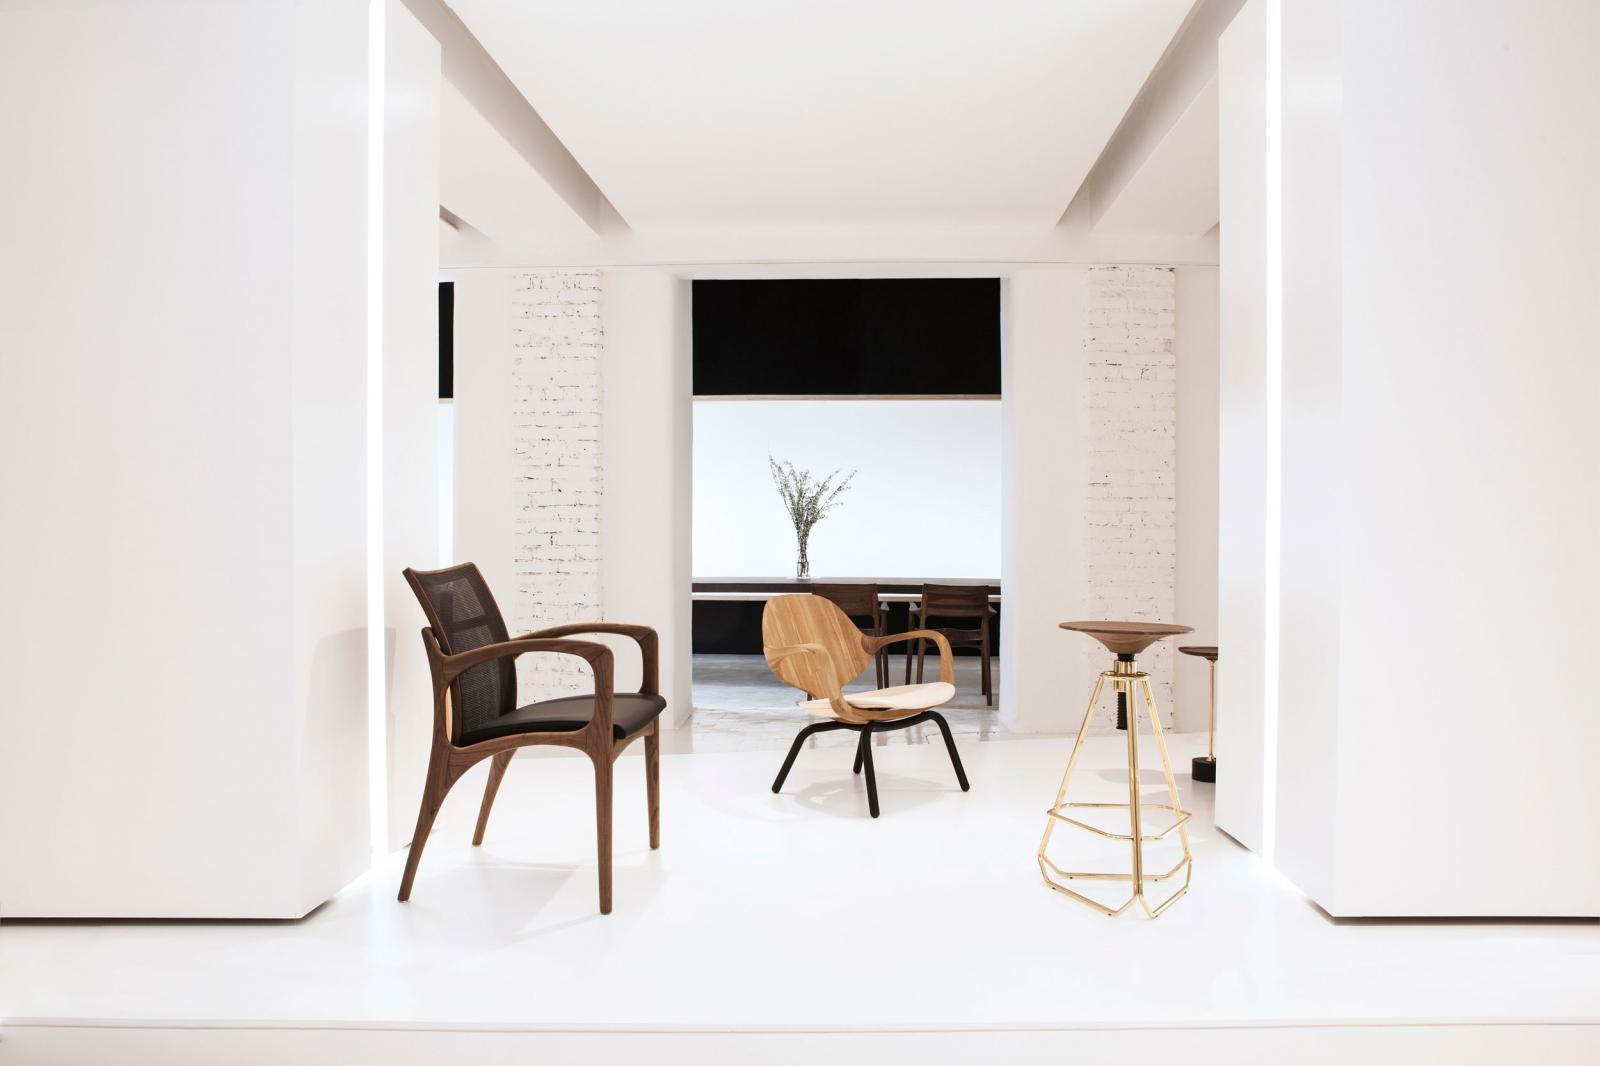 Milan Design 2017 - Jader Almeida - Cadeira Dinna, Poltrona Clad e Banqueta Phillips